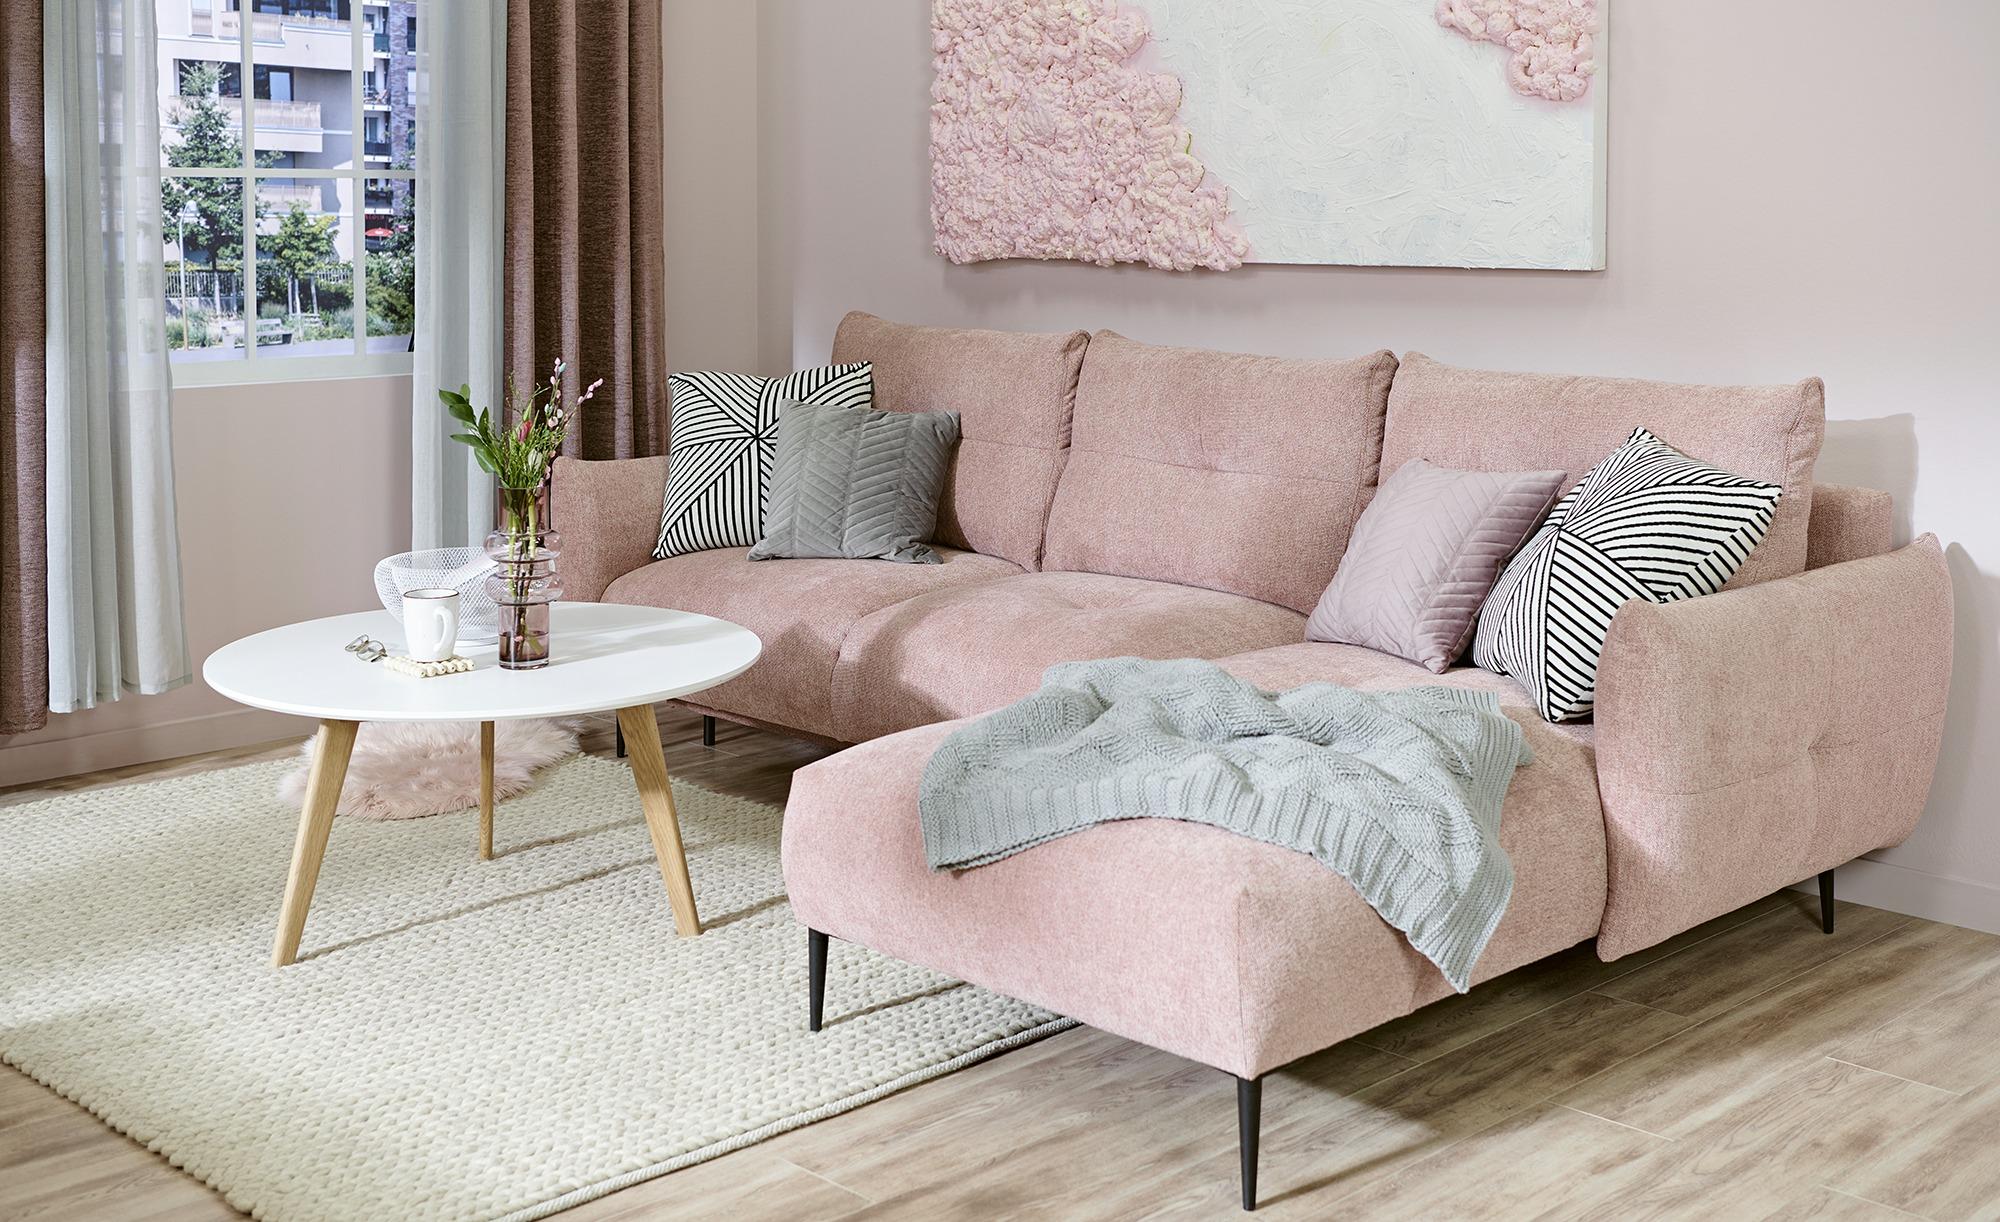 Couchtisch  Gera ¦ weiß ¦ Maße (cm): H: 45 Ø: [90.0] Tische > Couchtische > Couchtische andere Formen - Höffner